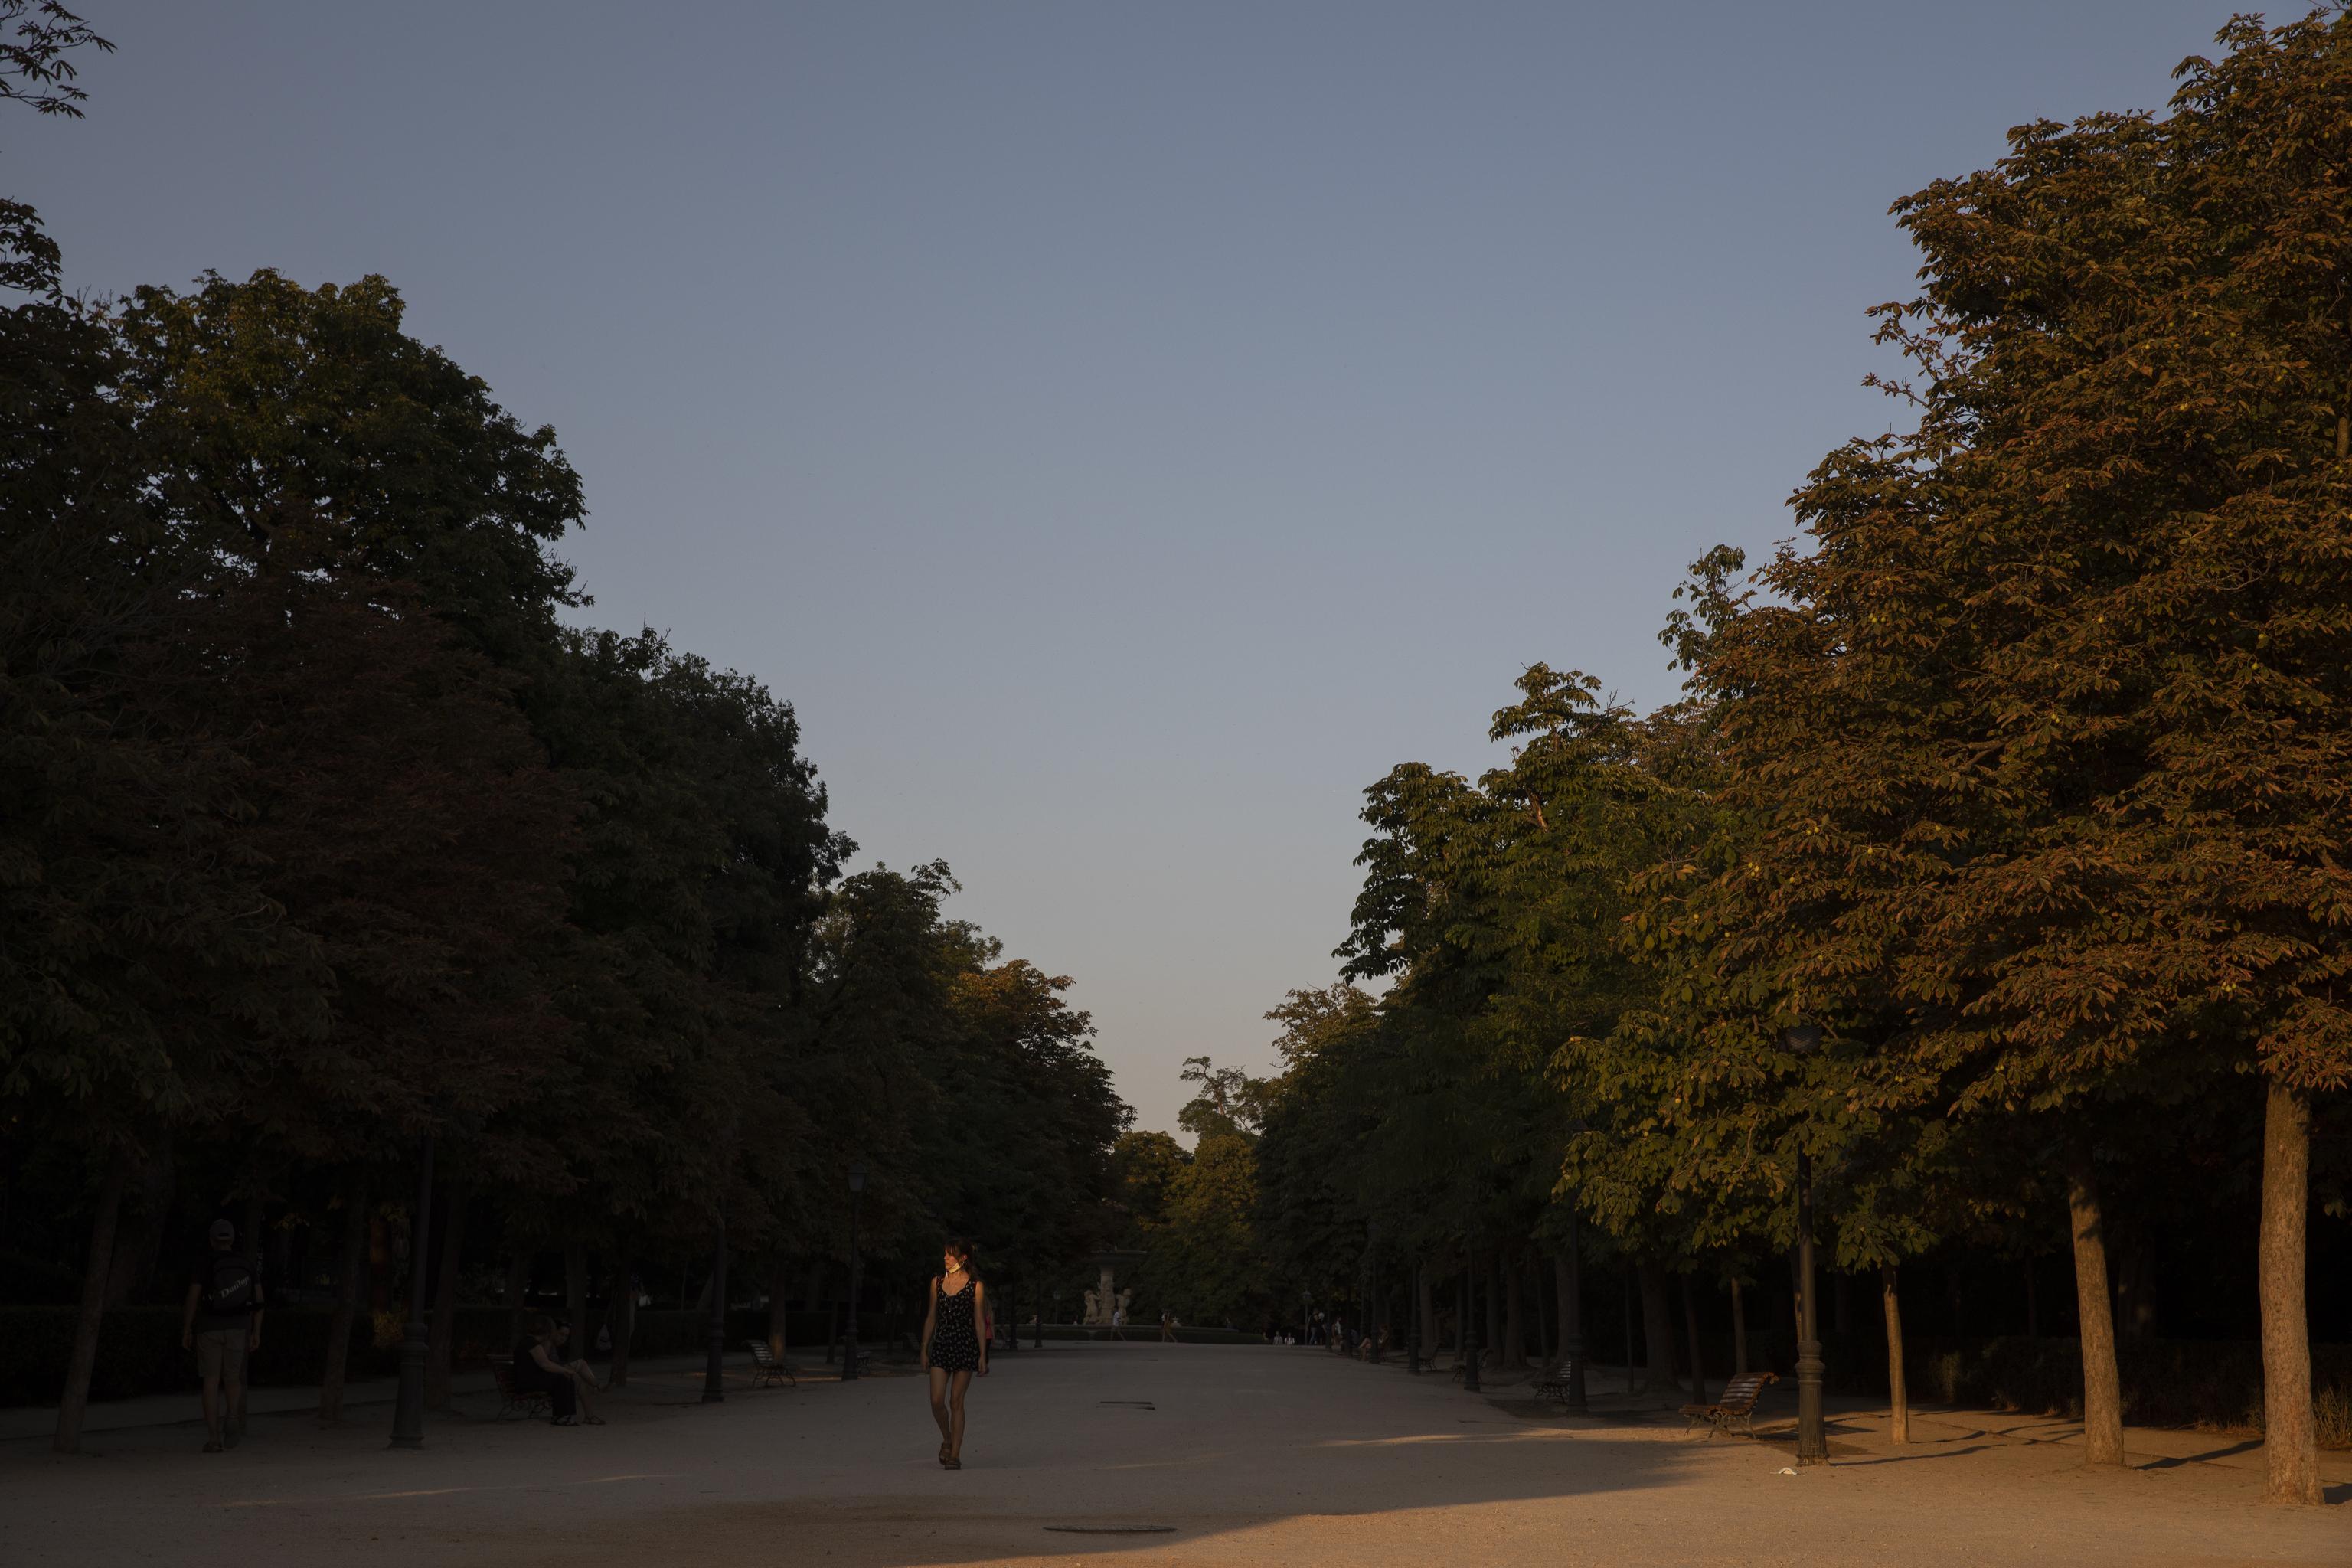 Parterre del parque de El Retiro.